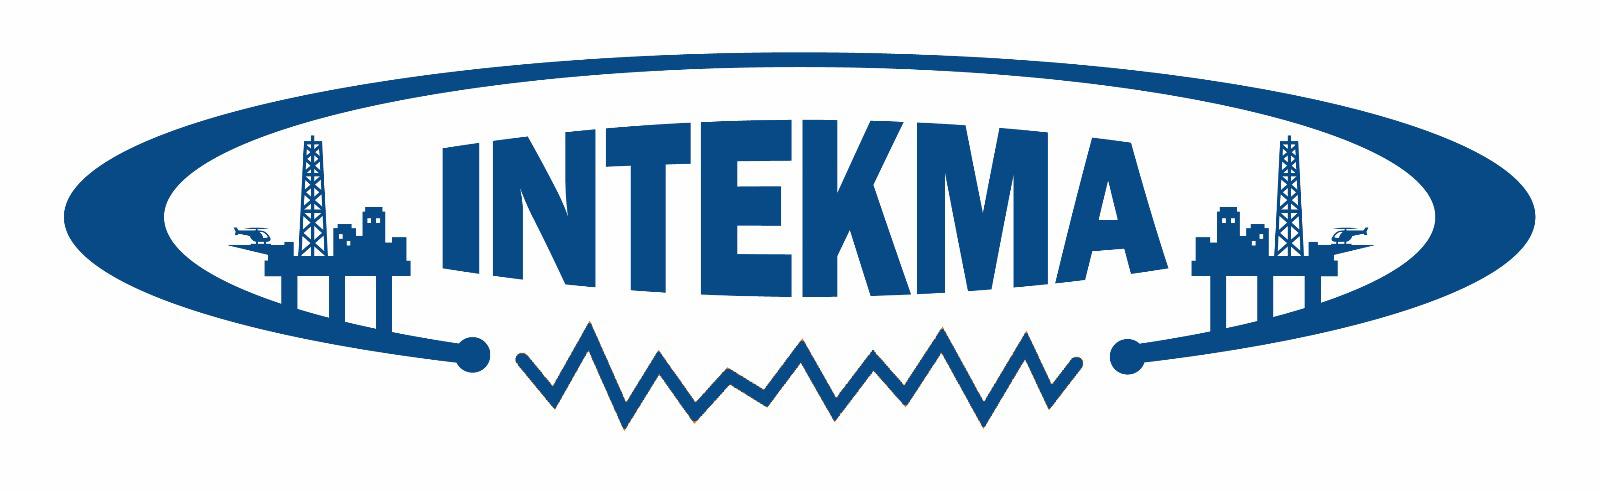 INTEKMA | Intekma Engineering Services & Trading Sdn Bhd